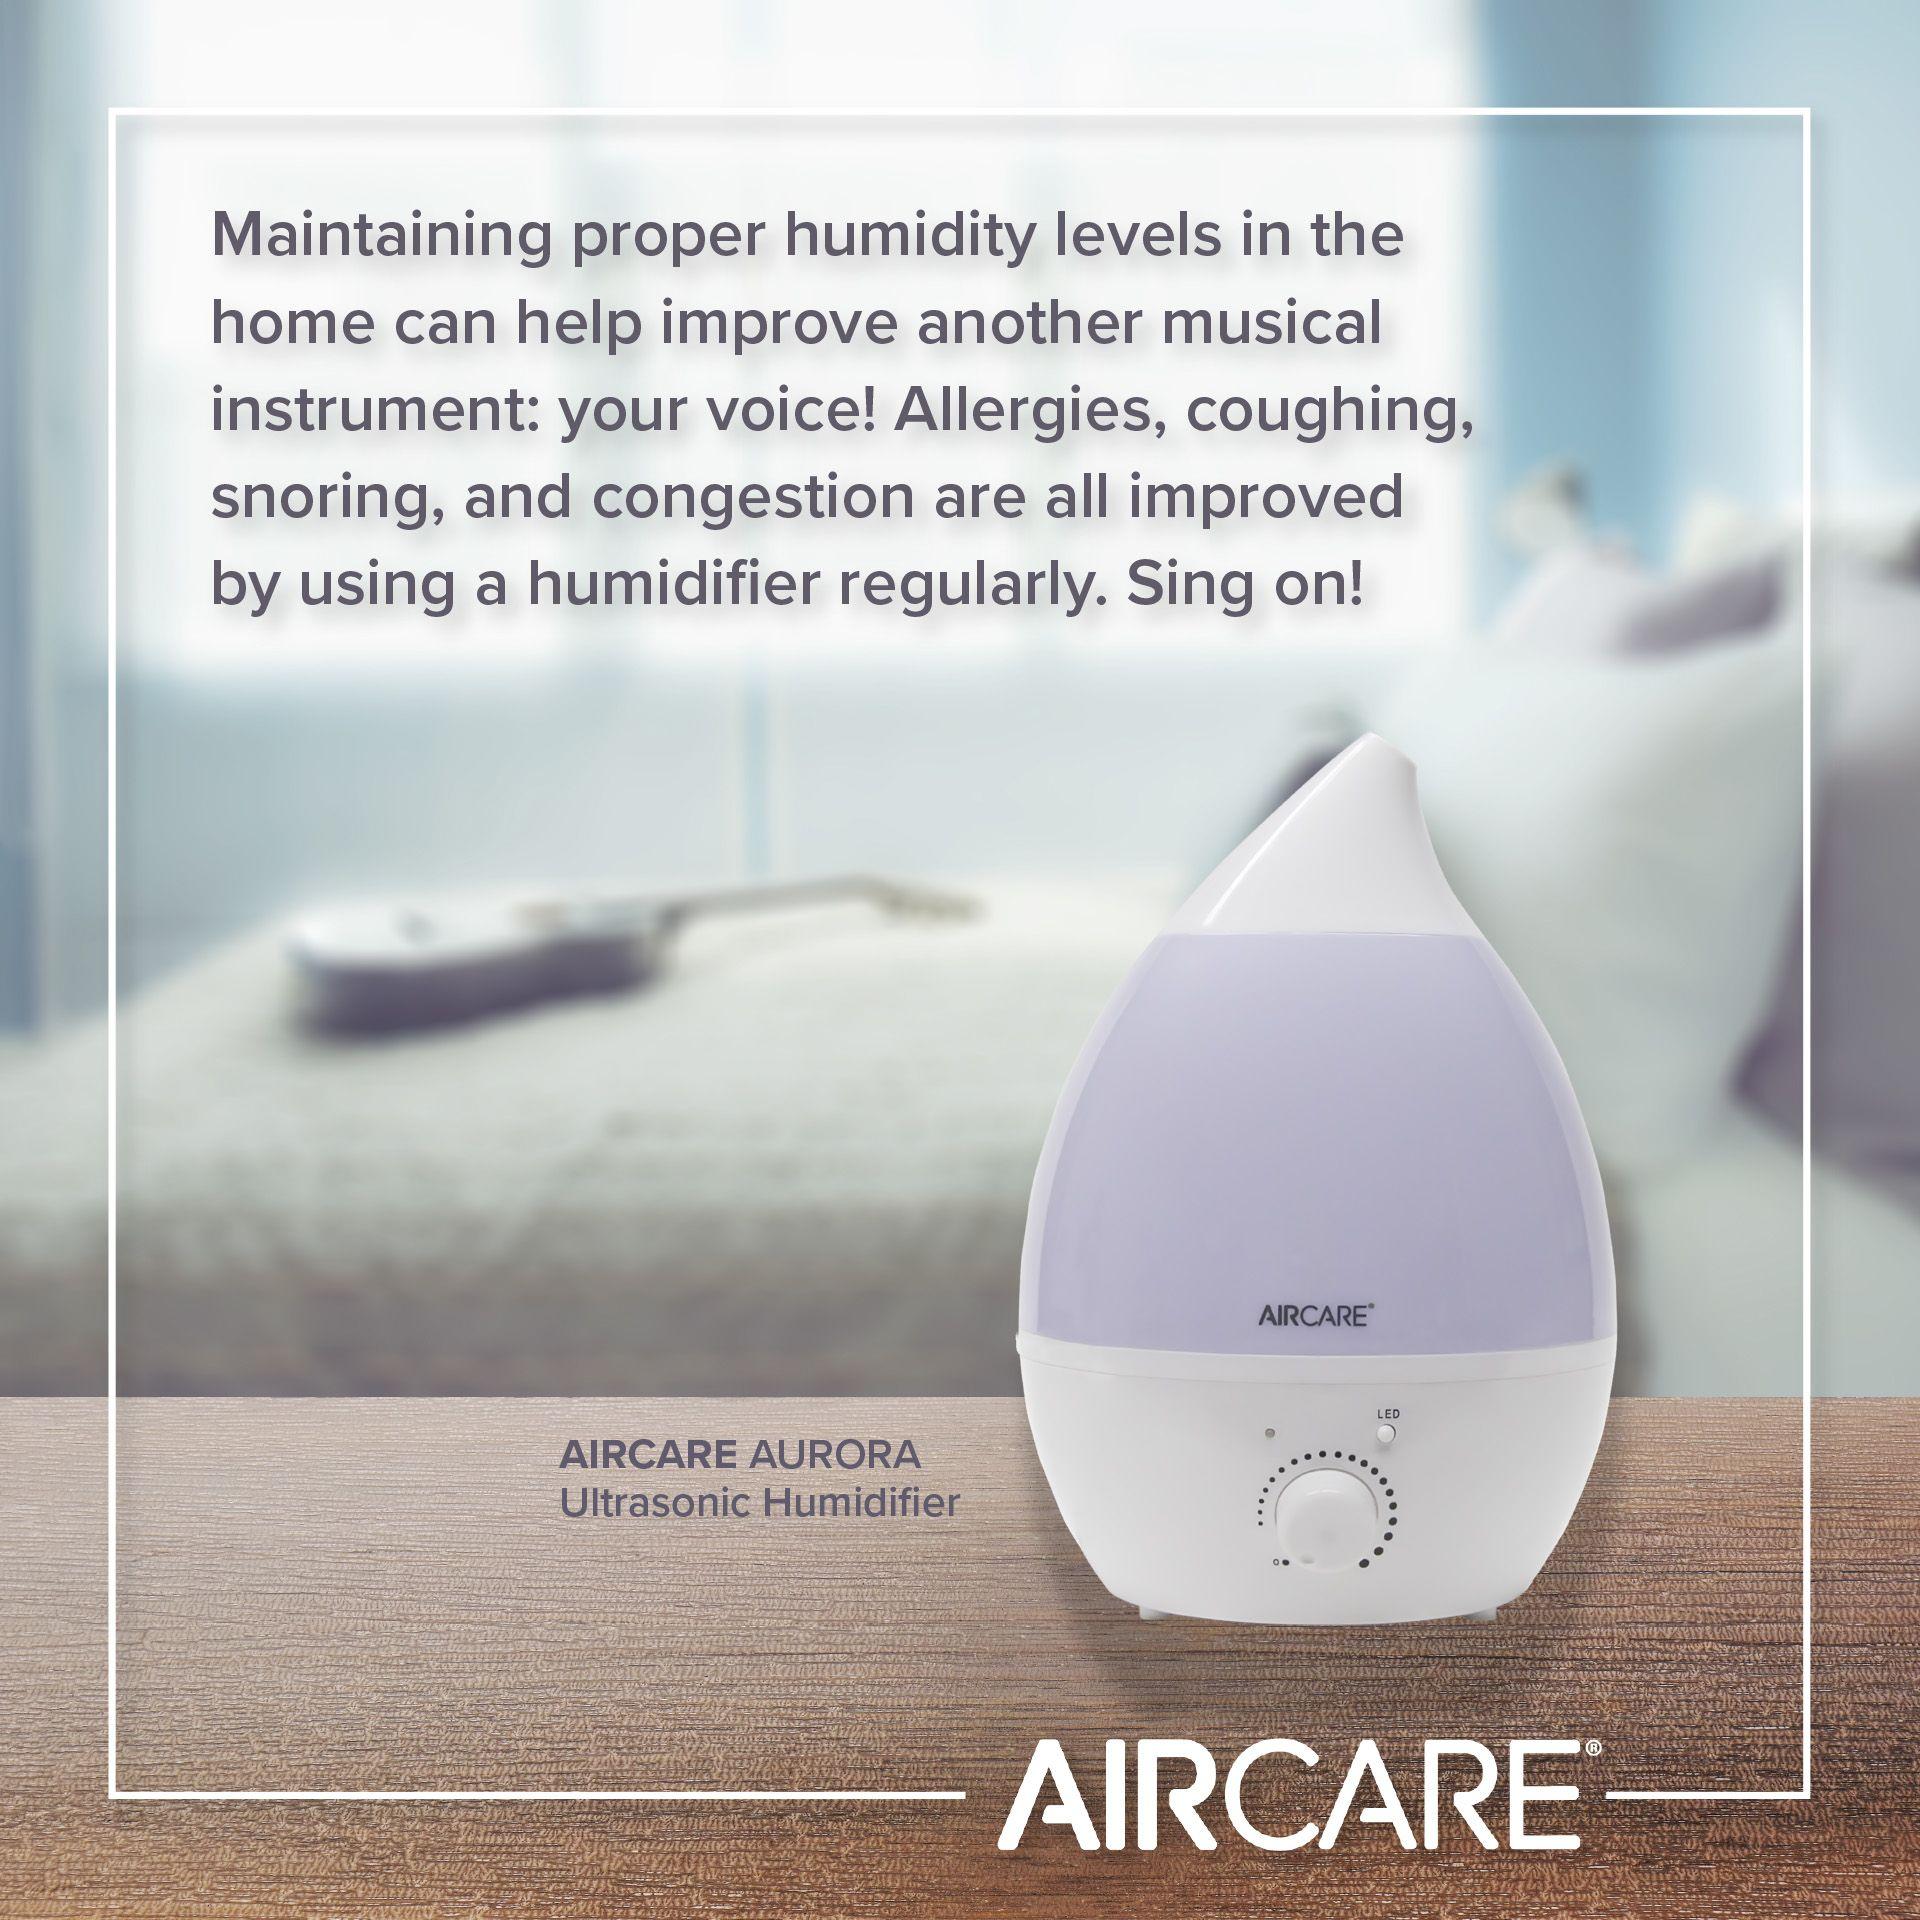 aircare humidifiers ultrasonic humidity music